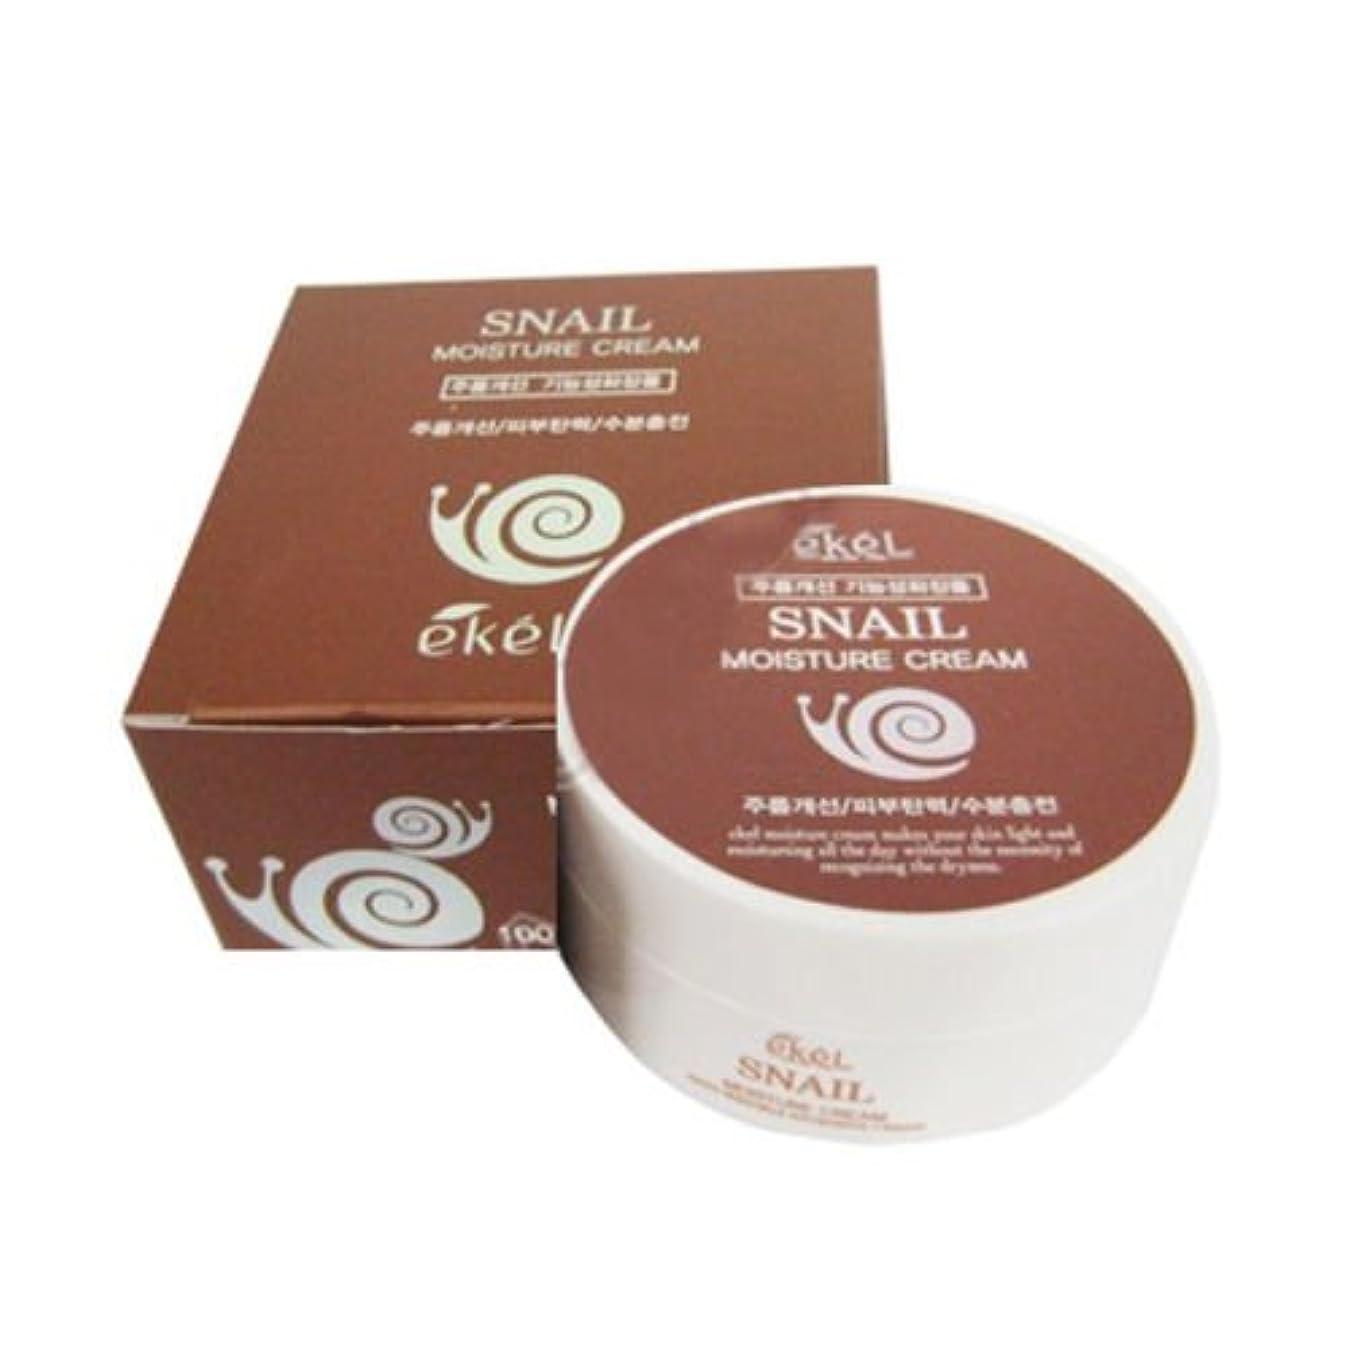 深遠シンプトン虫イケル[韓国コスメEkel]Snail Moisture Cream カタツムリモイスチャークリーム100g [並行輸入品]